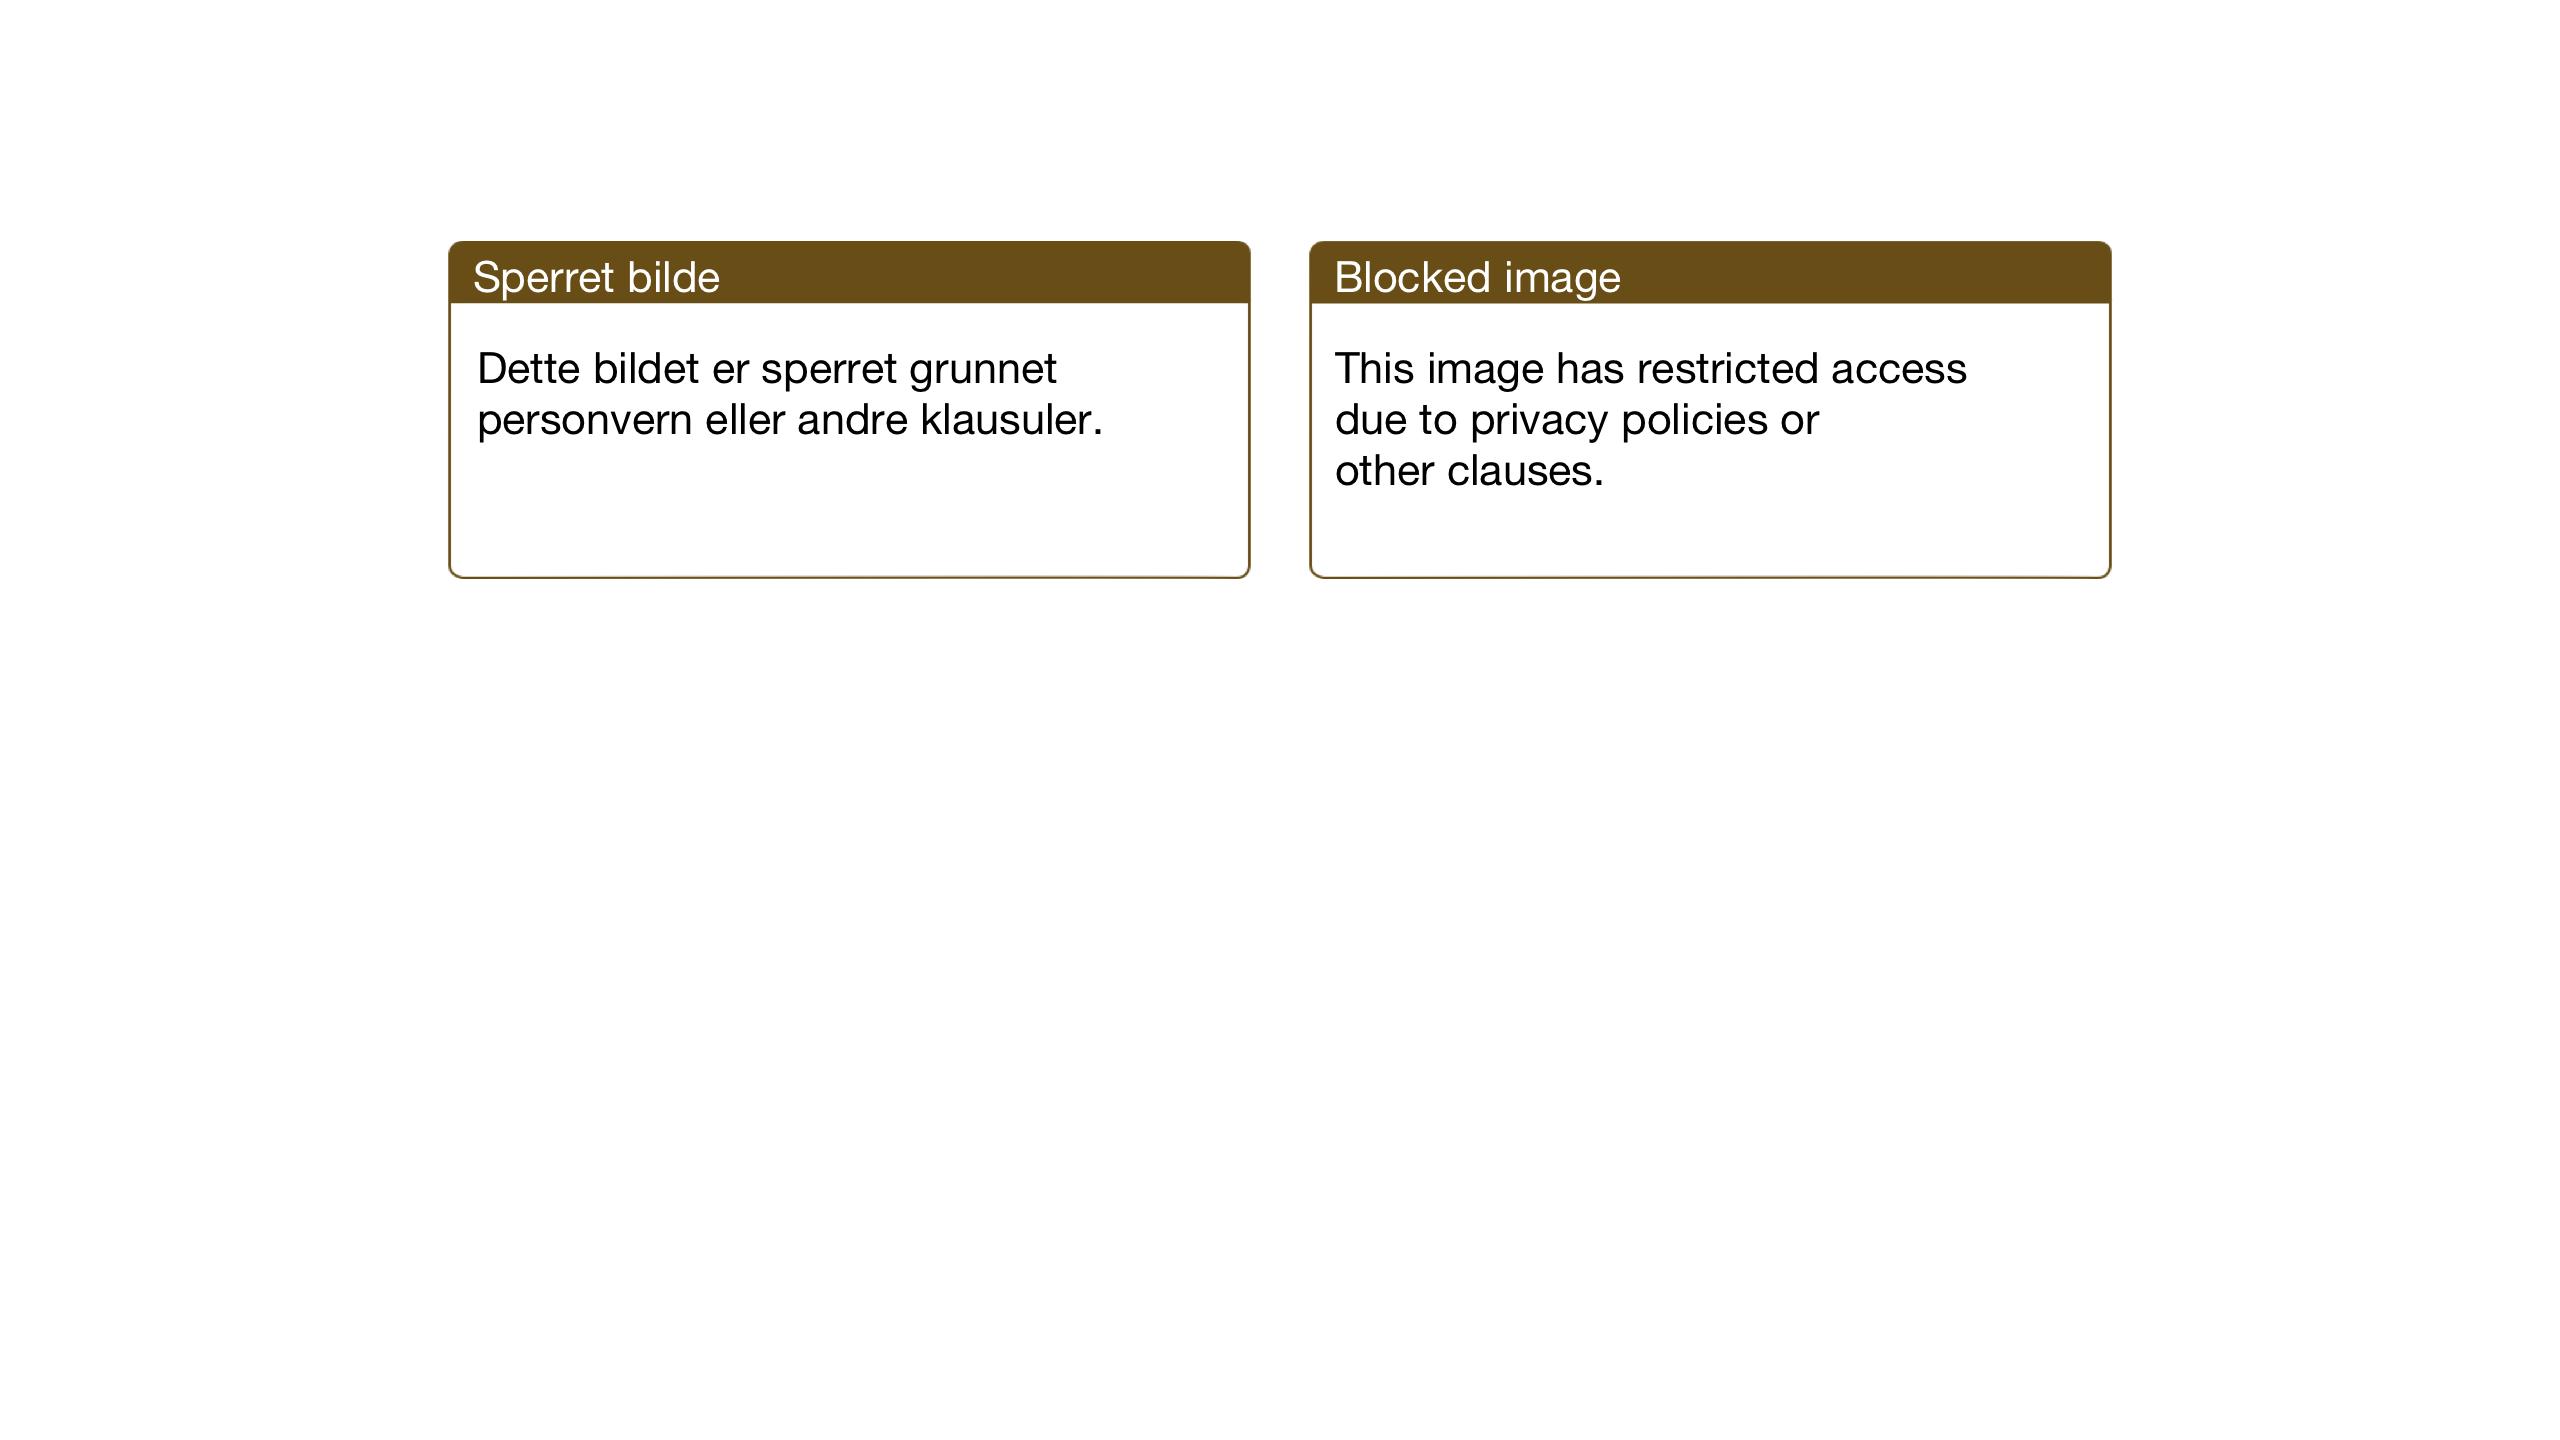 SAT, Ministerialprotokoller, klokkerbøker og fødselsregistre - Nord-Trøndelag, 732/L0319: Klokkerbok nr. 732C03, 1911-1945, s. 44